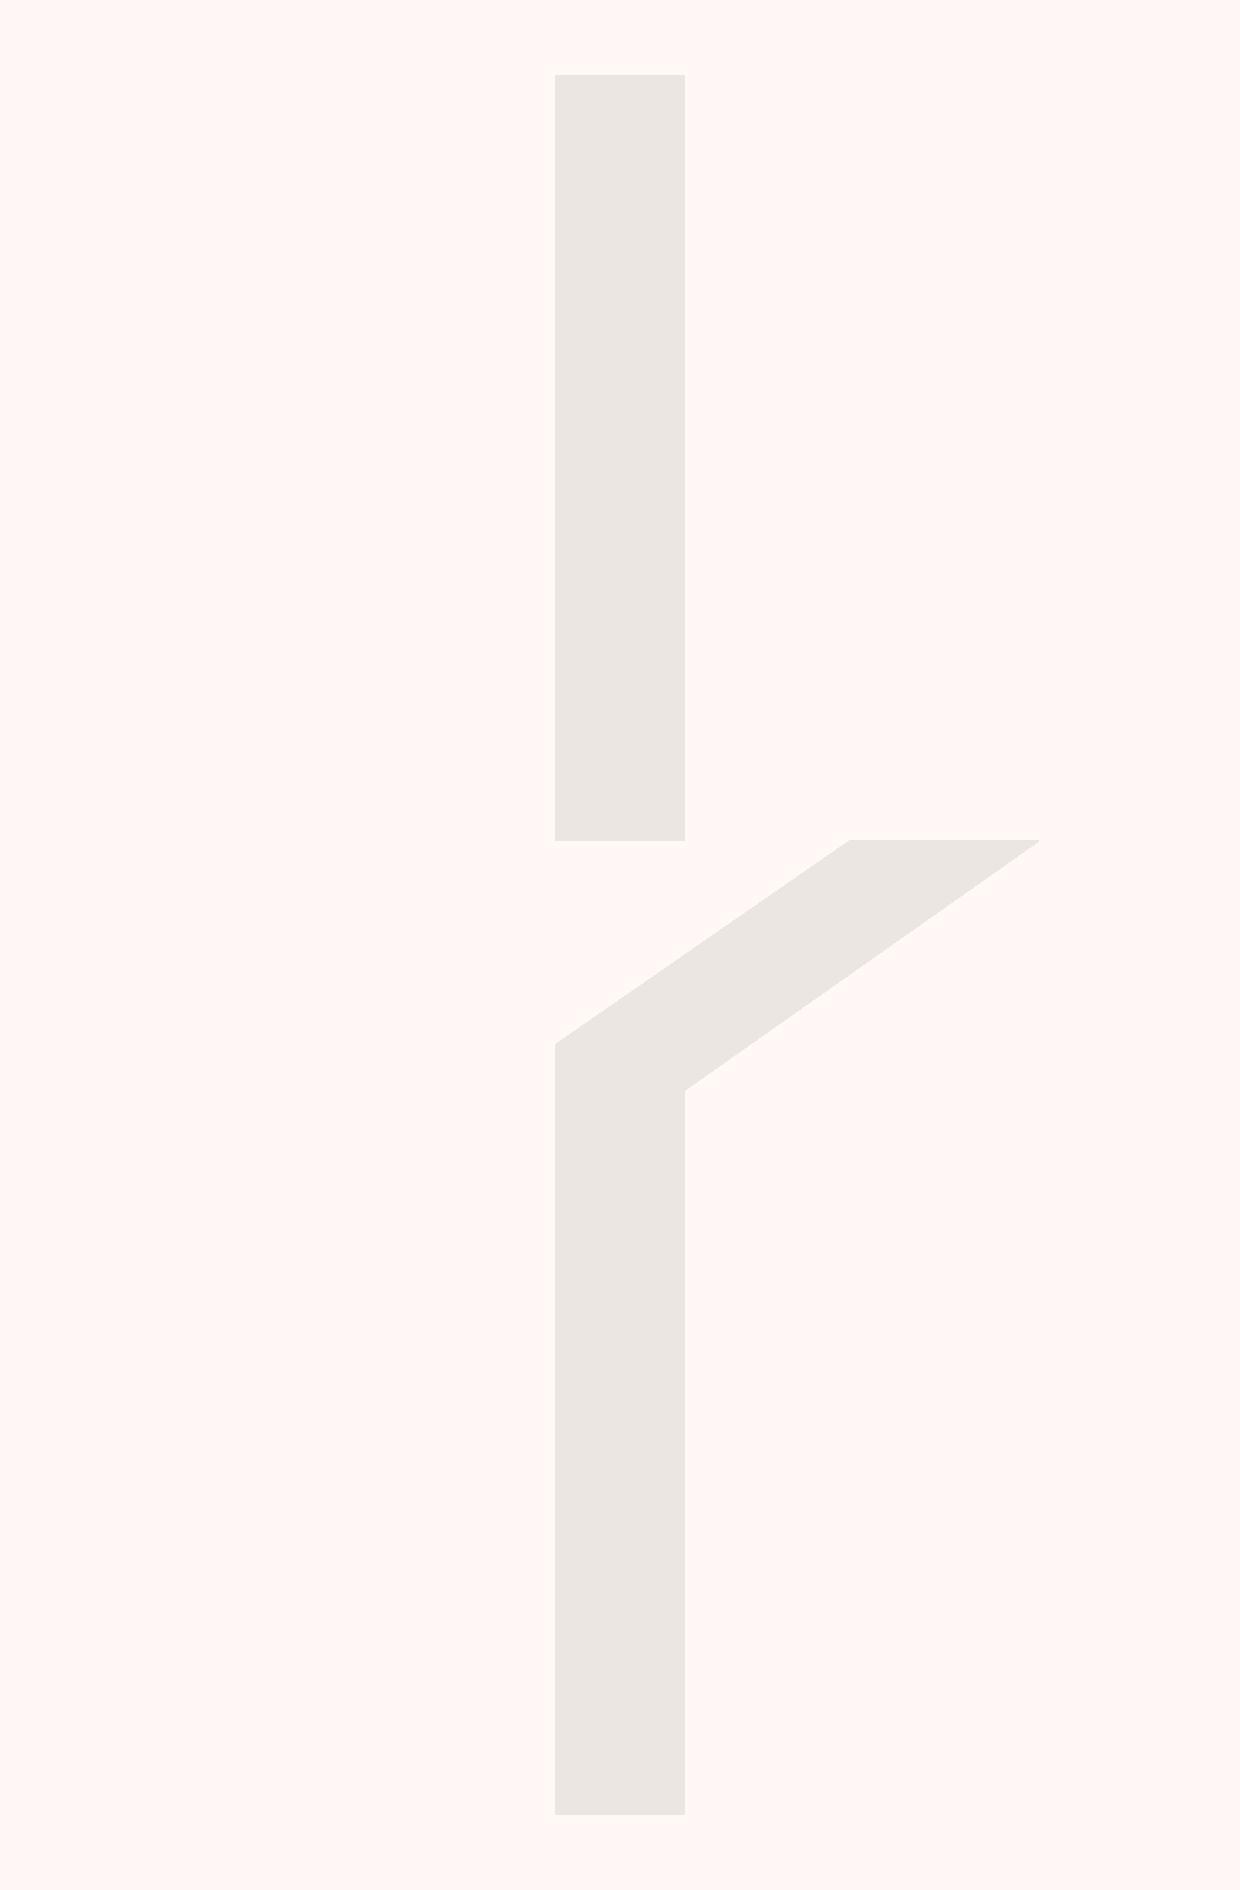 Cybarco: Trilogy